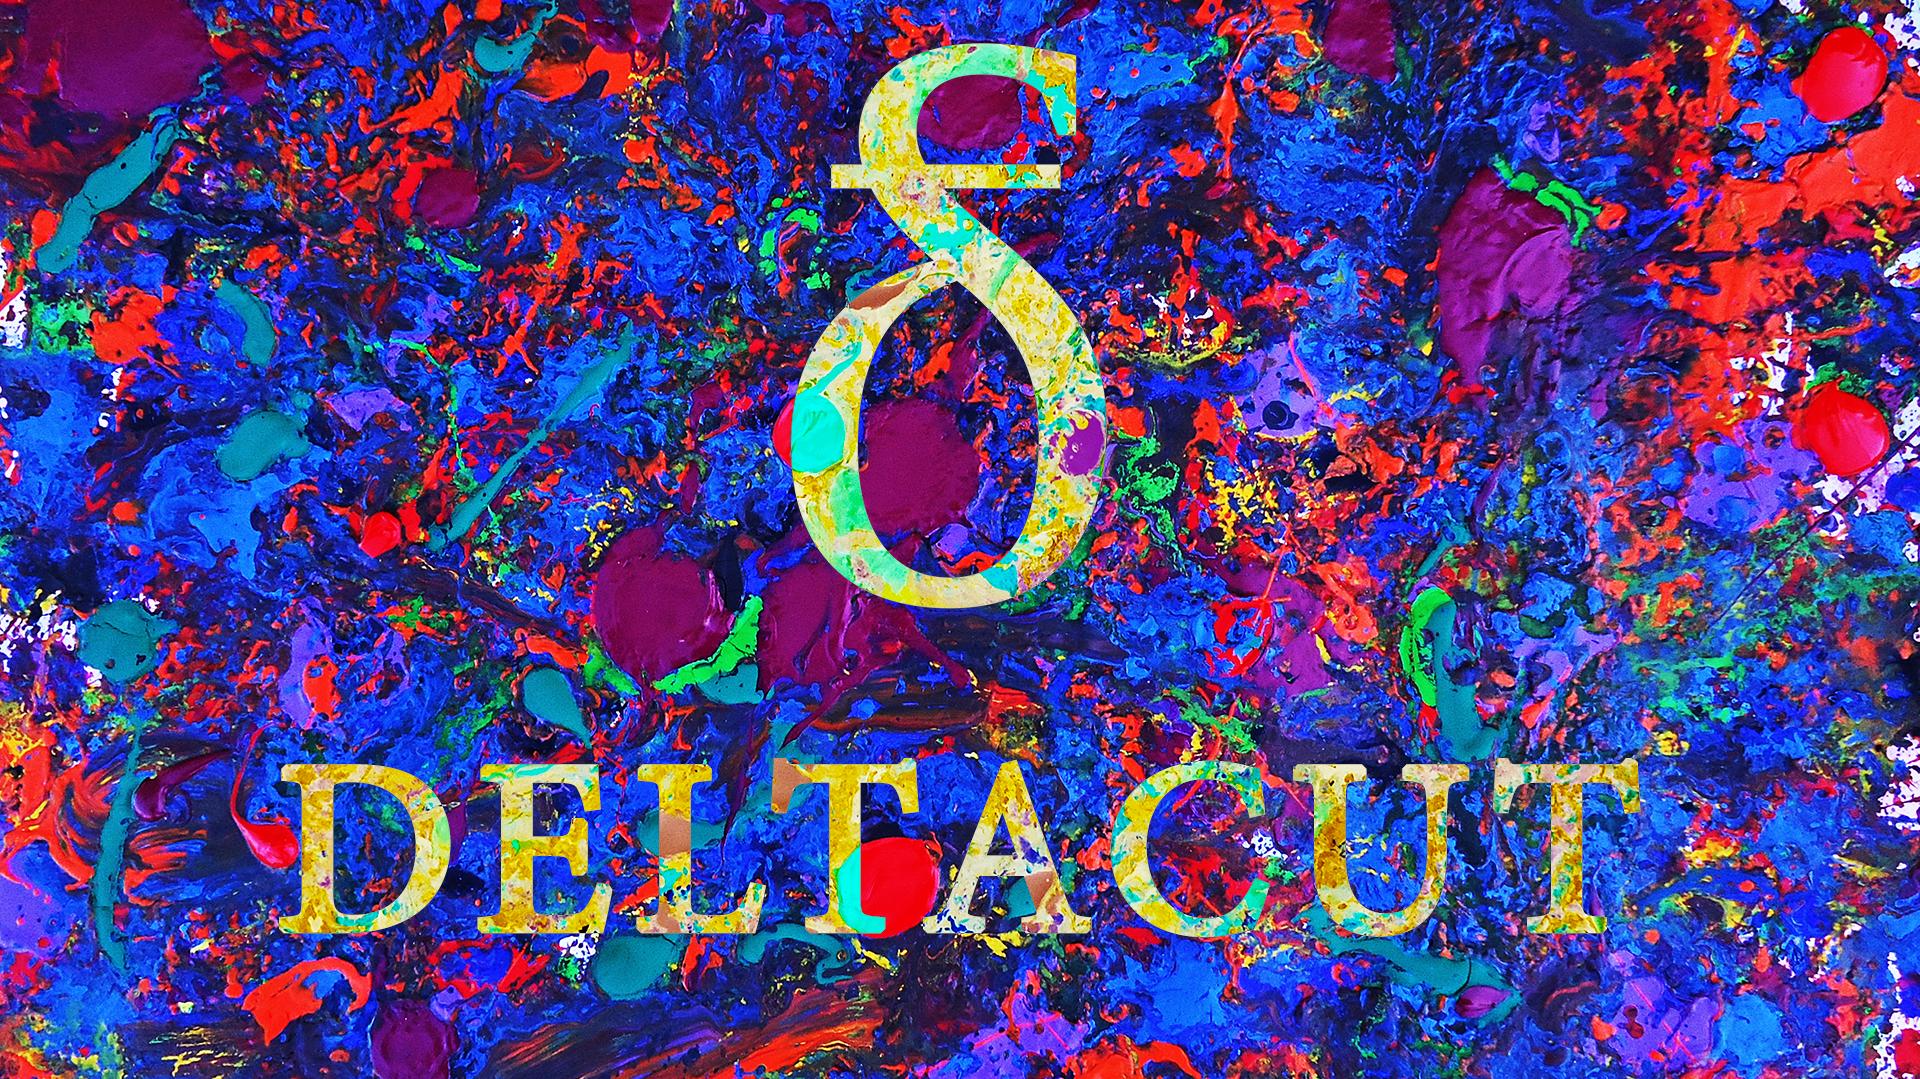 Deltacut